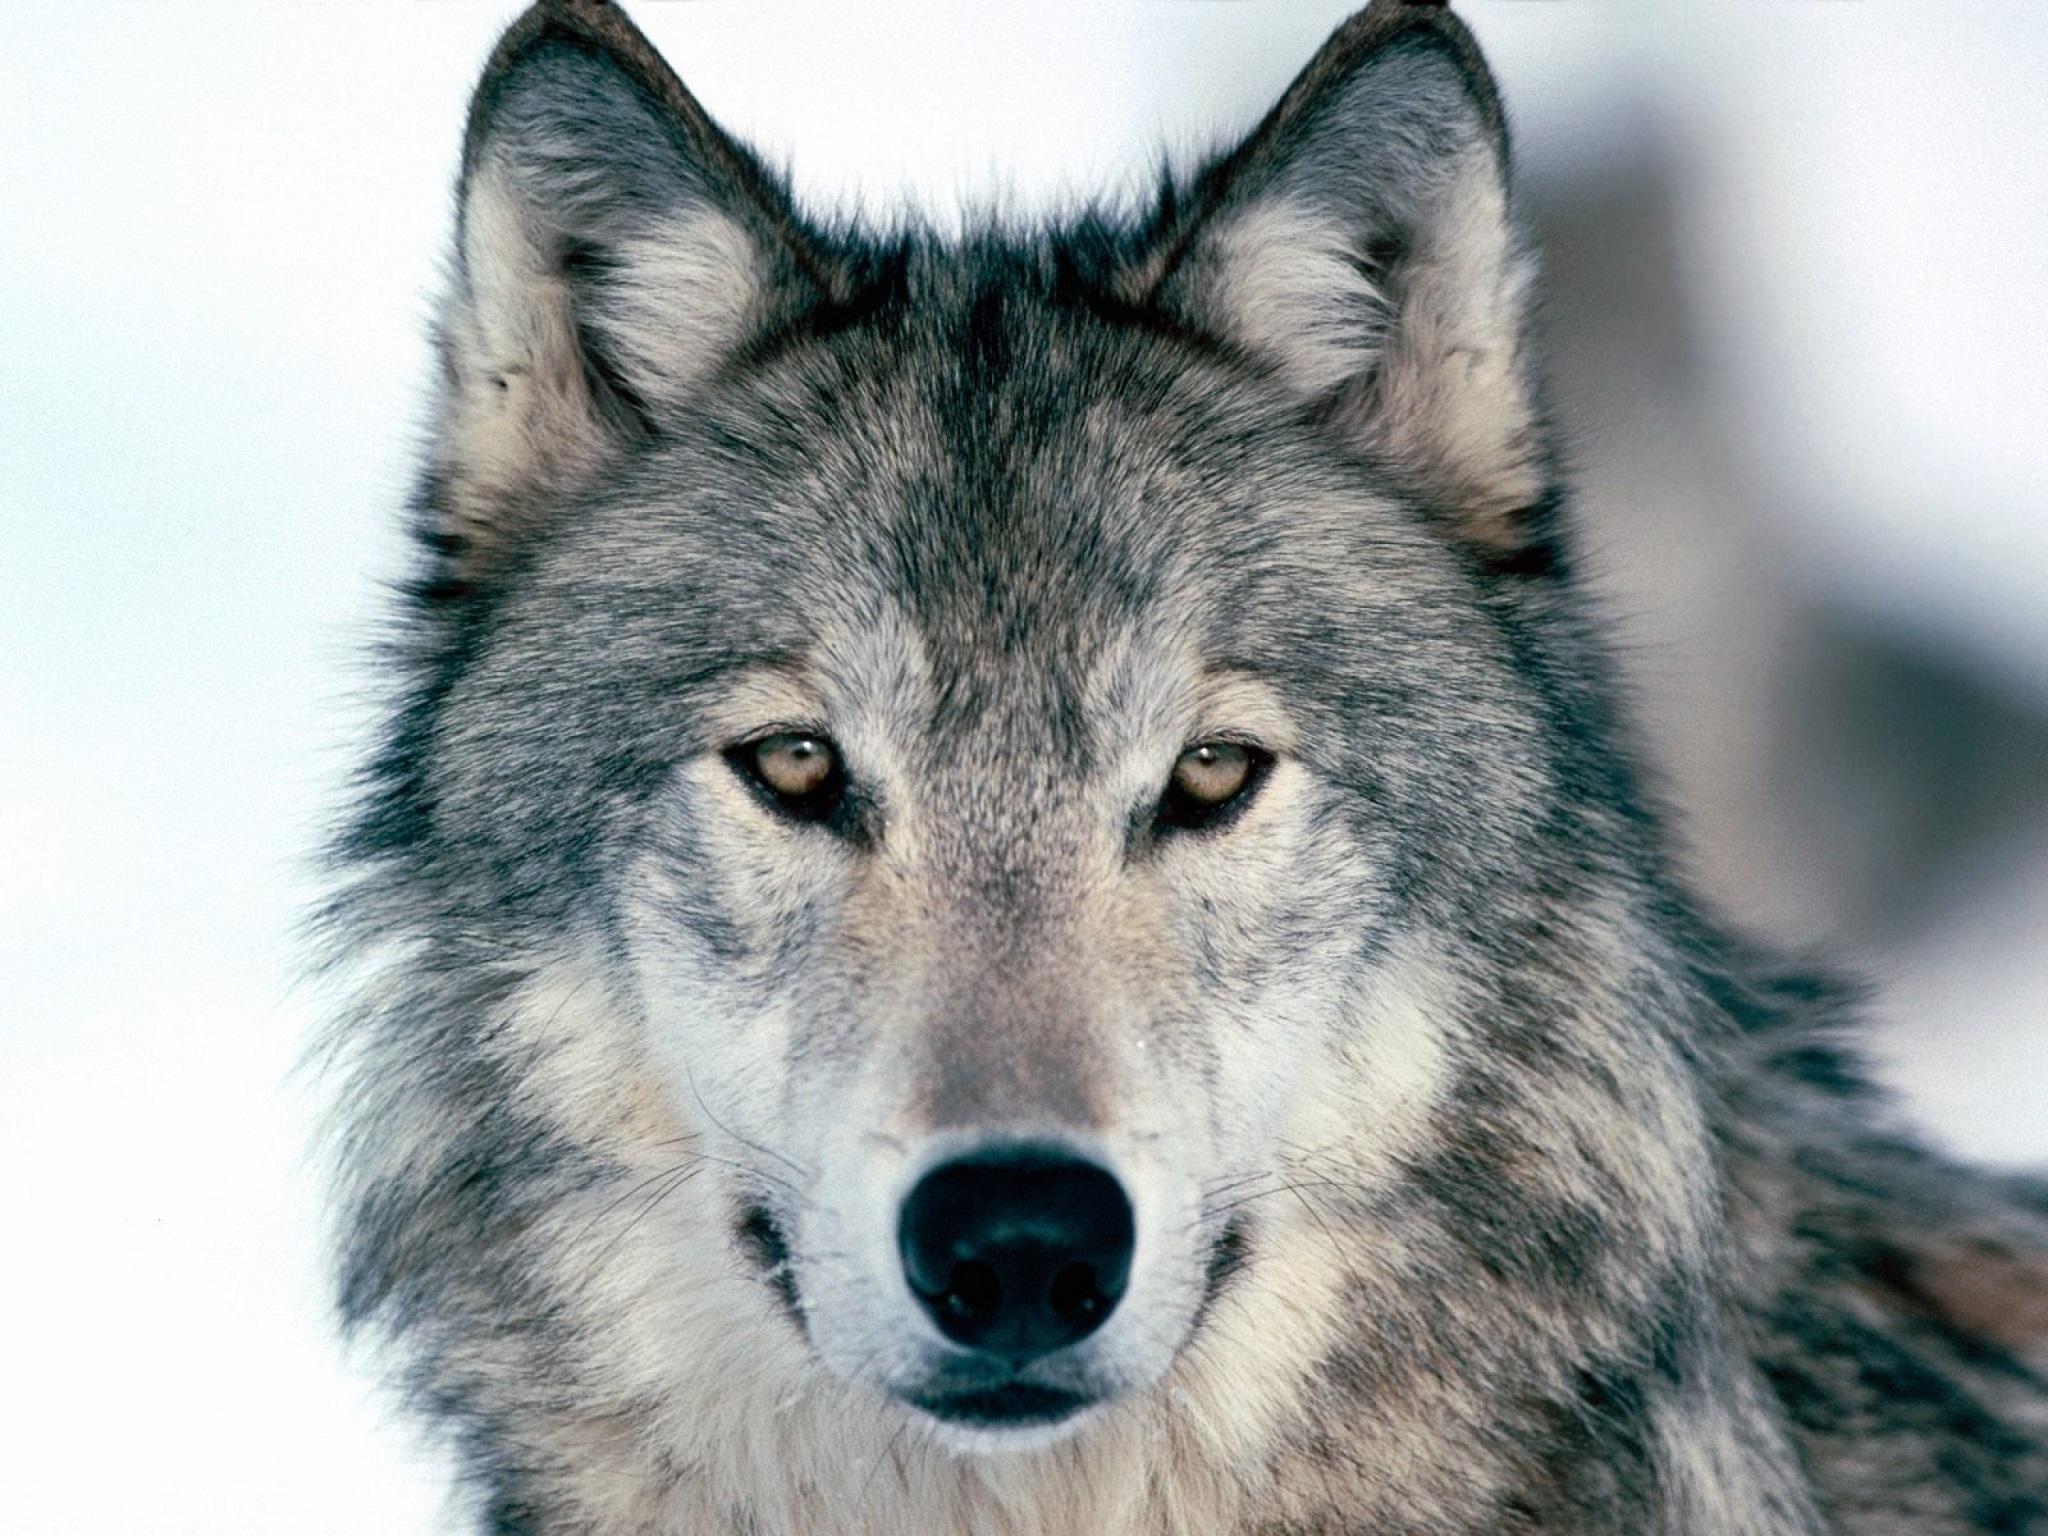 Val d'Aosta – LNDC chiede i dati relativi alle predazioni da parte dei lupi